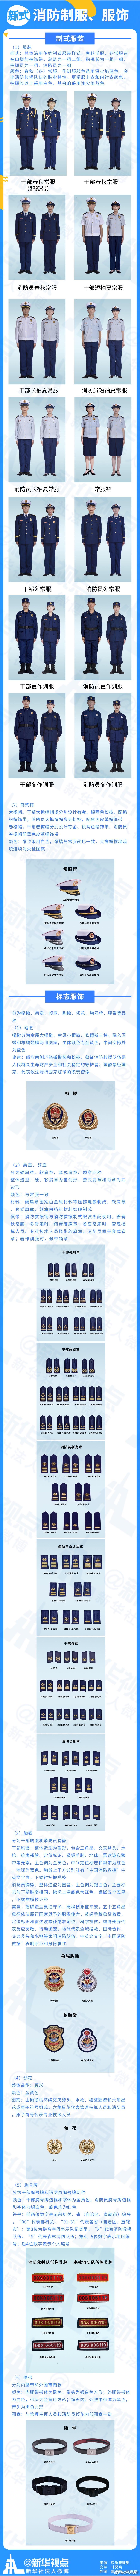 李克强签署国务院令 公布《中华人民共和国消防救援衔标志式样和佩带办法》-沙耔博客